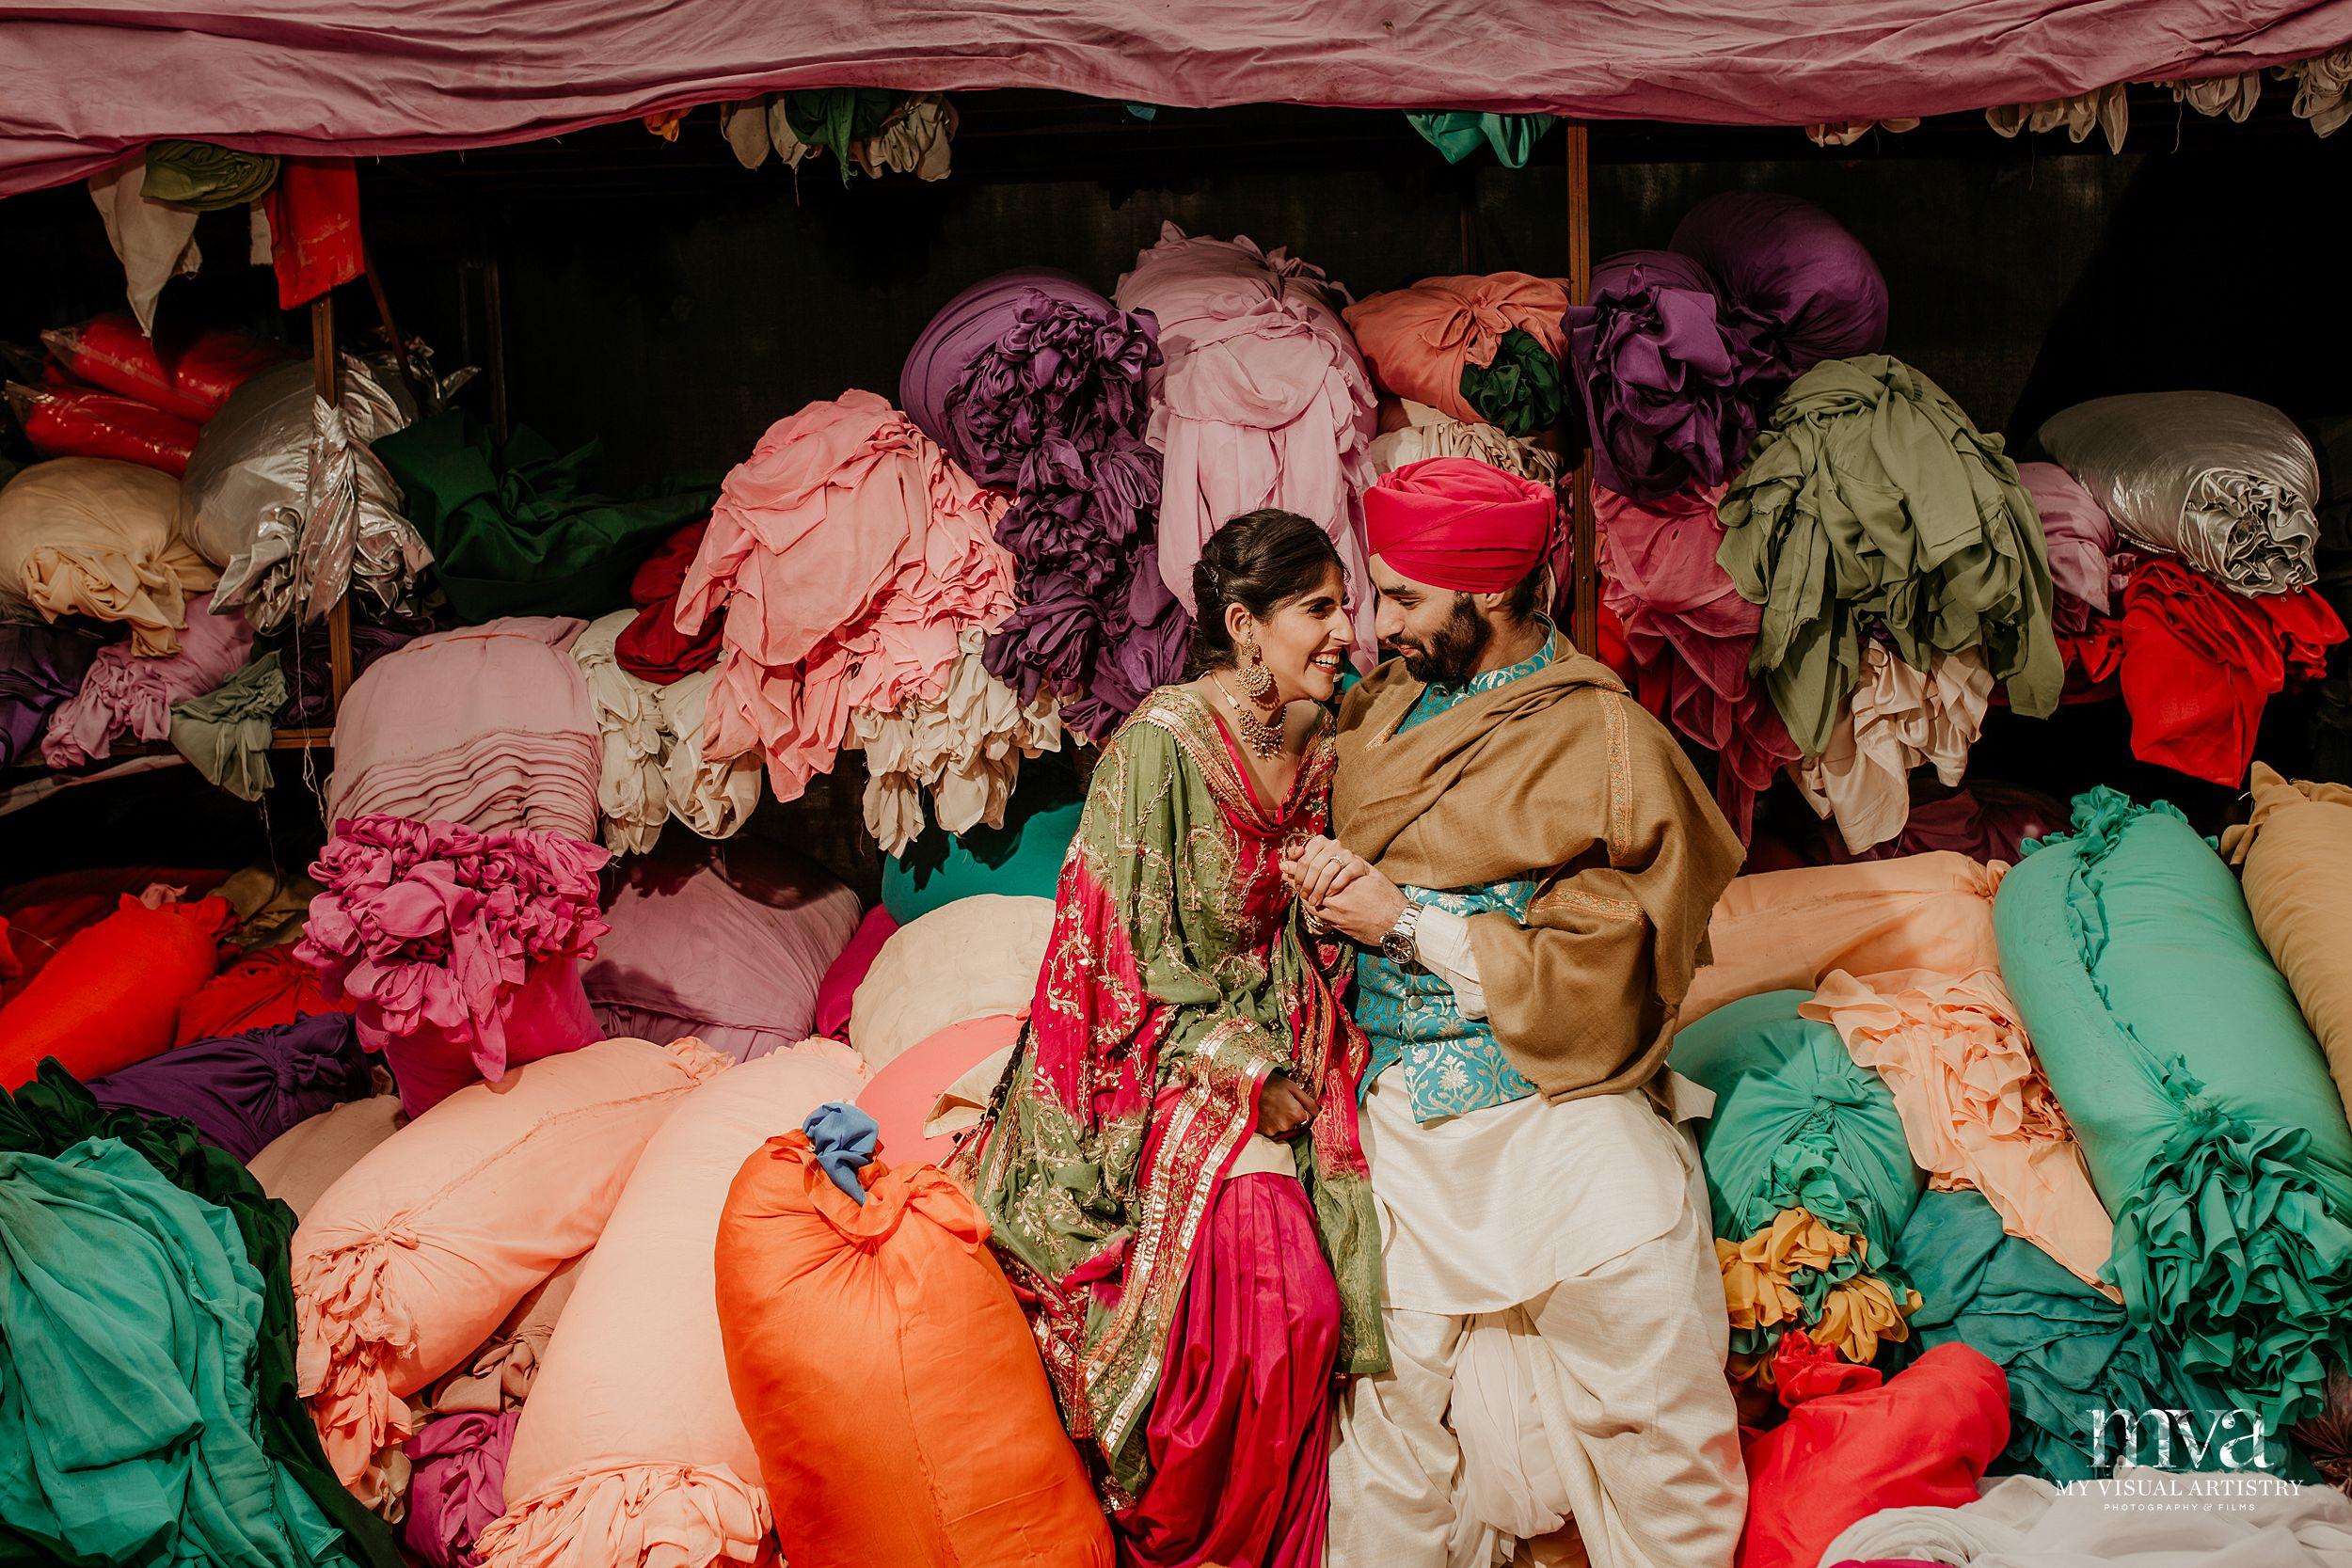 anant_arundhati_myvisualartistry_mva_wedding_sikh_ - 040.jpg